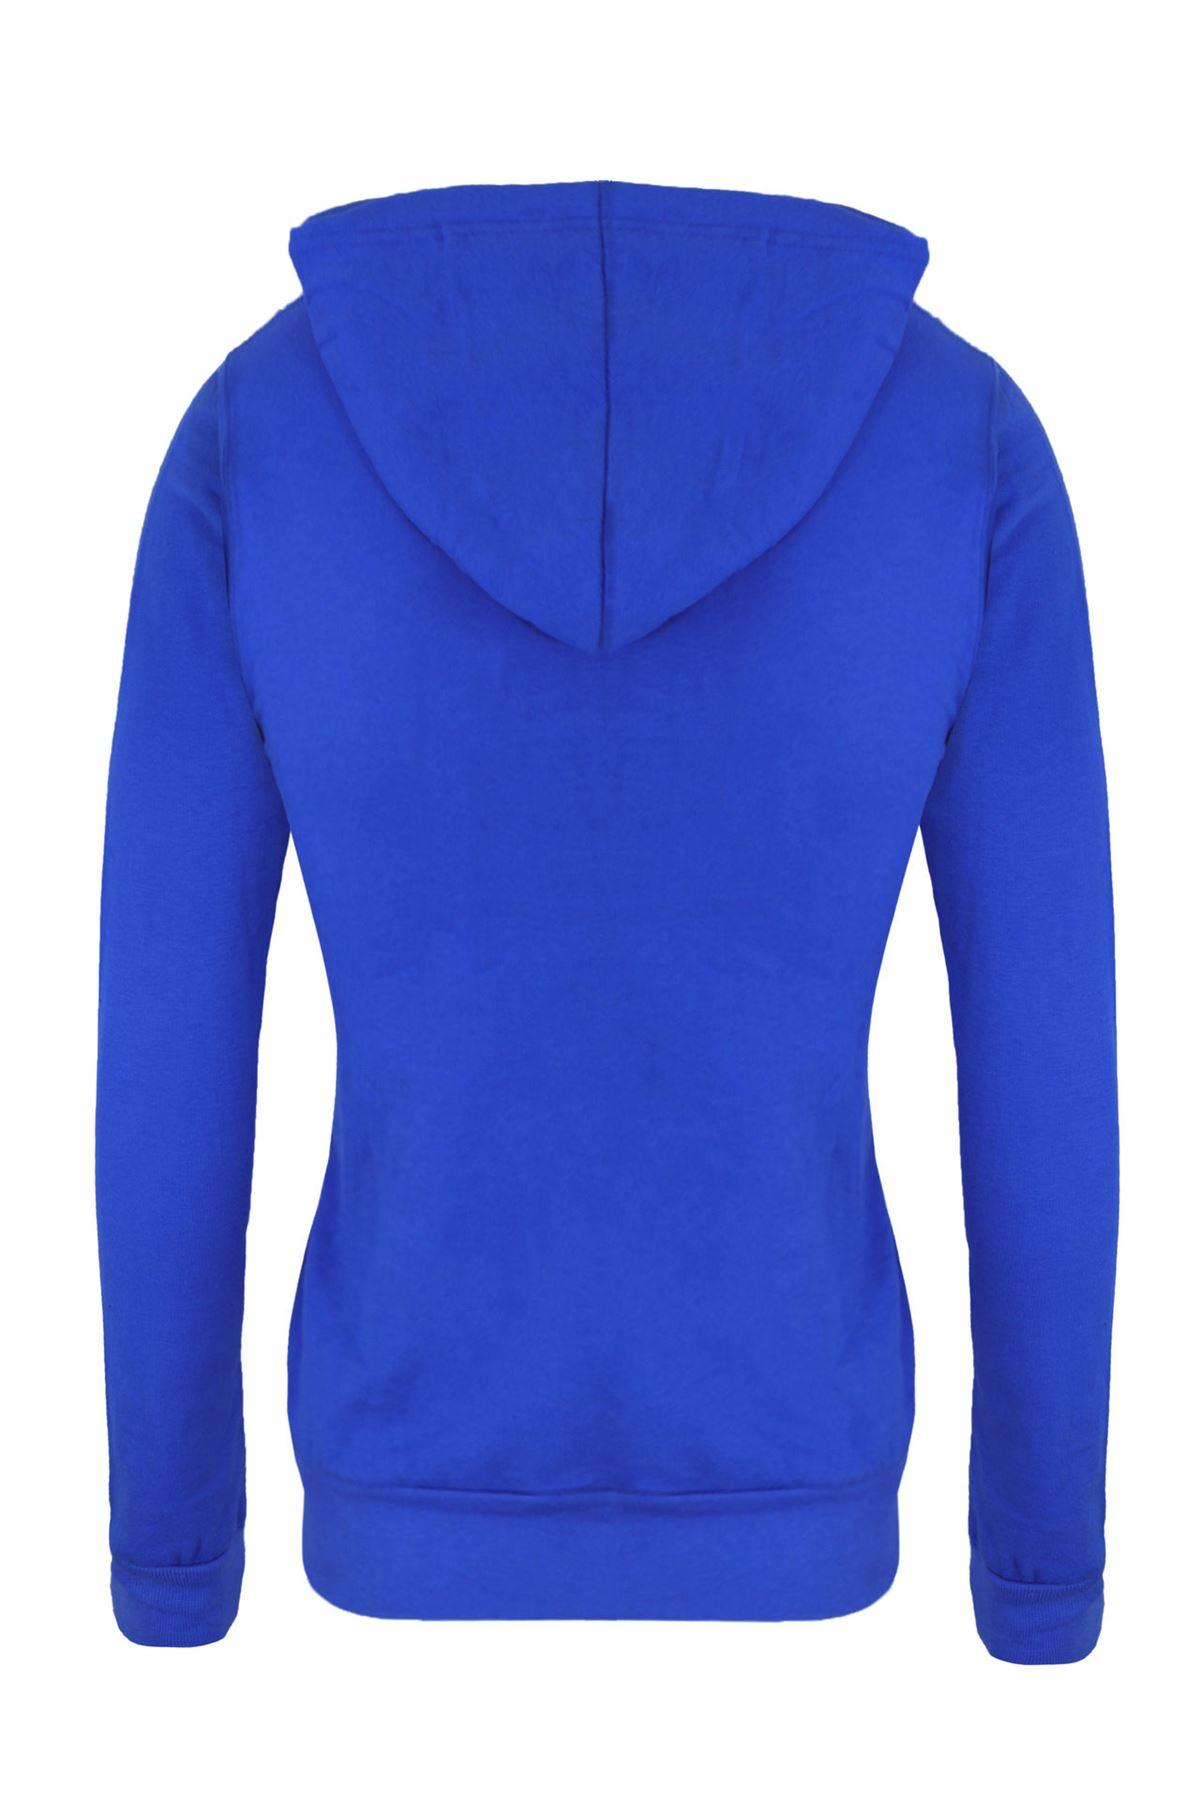 Femmes-Manches-Longues-Uni-A-Capuche-Femmes-Sweat-a-Capuche-Coton-Top-8-10-12-14 miniature 5